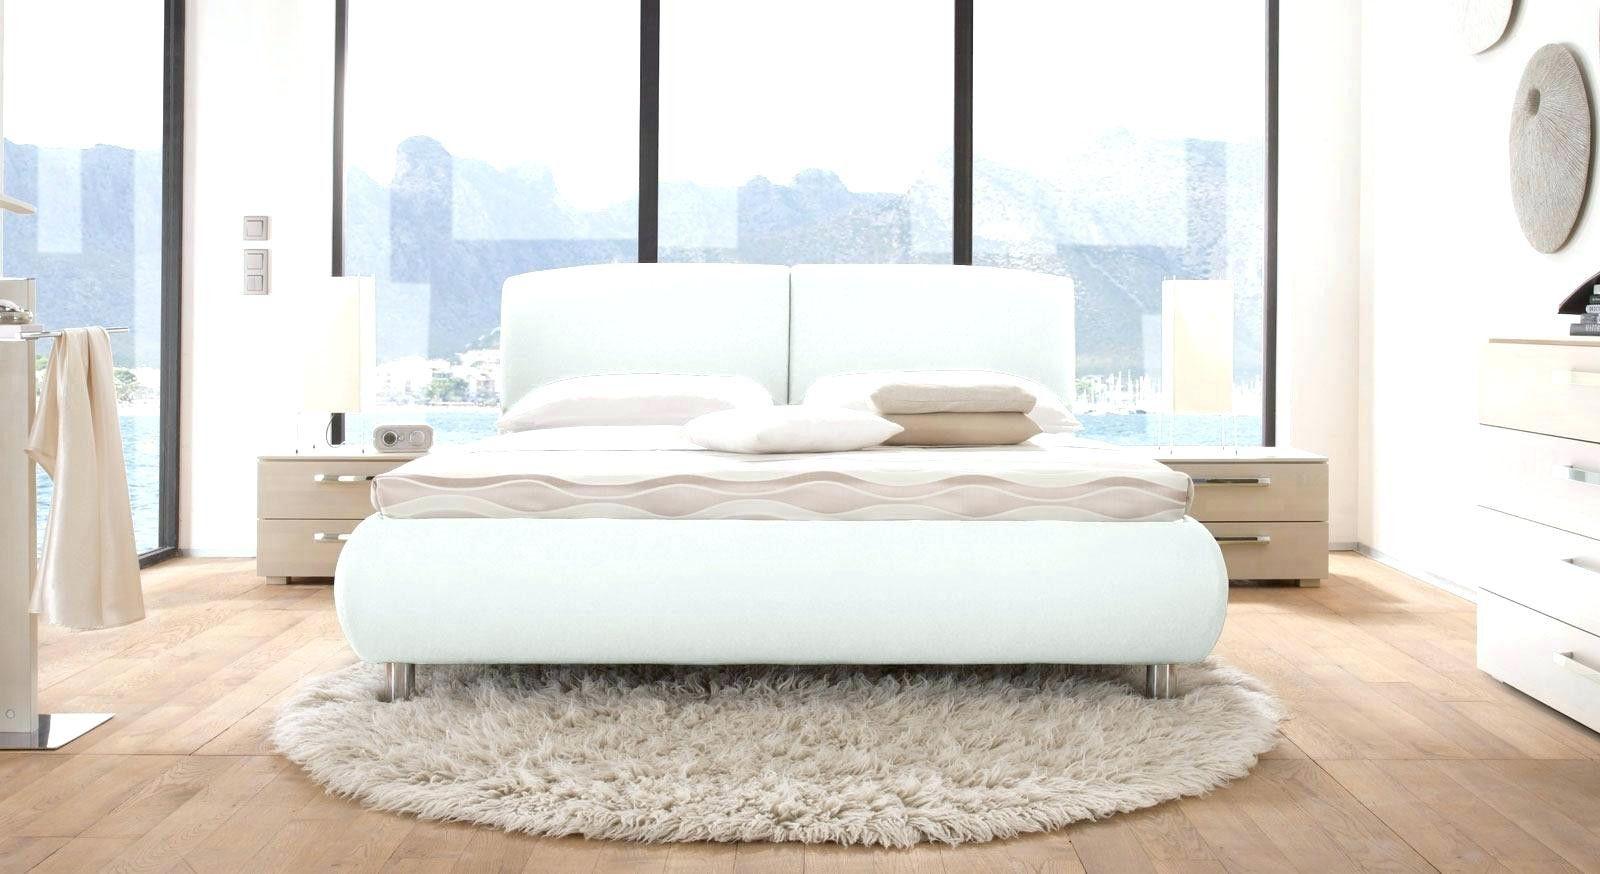 Weisses Bett 90 200 Awesome Ikea Weisses Bett Innenarchitekturcool Holzbett Weia Fjell Ikea Room Furniture